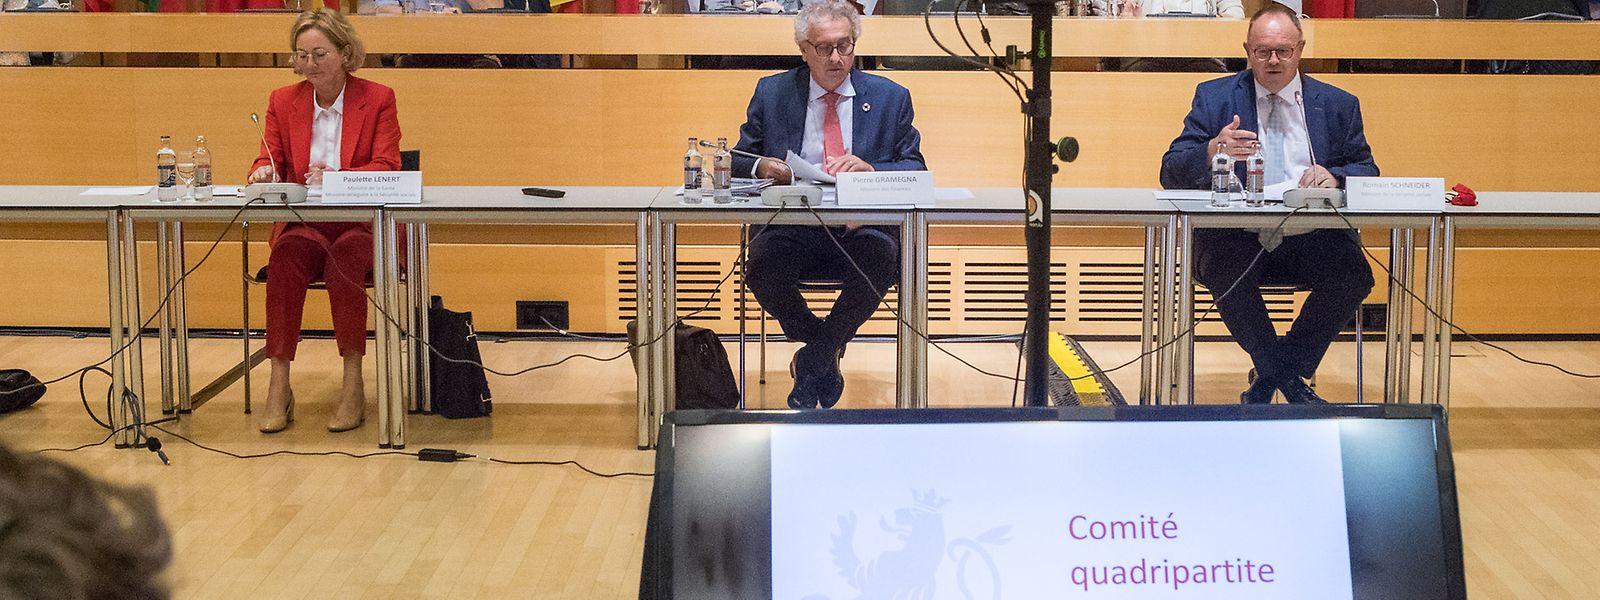 Die Frühjahrs-Quadripartite fand noch physisch statt, diesmal ging es per Video-Konferenz: Die Finanzen der CNS in Zeiten der Covid-Krise stehen im Mittelpunkt.